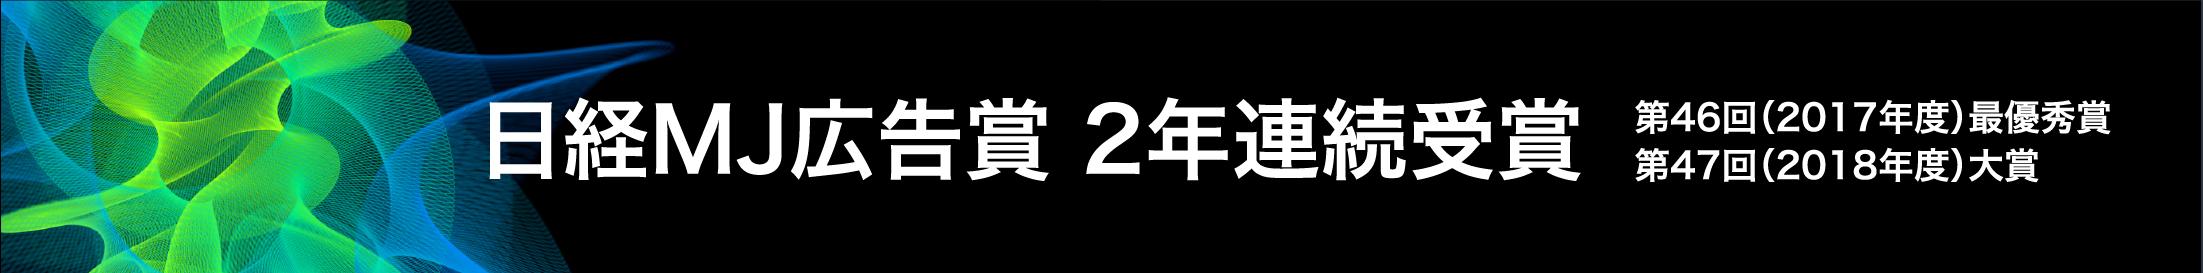 日経MJ広告賞 2年連続受賞 第46回(2017年度)最優秀賞 第47回(2018年度)大賞